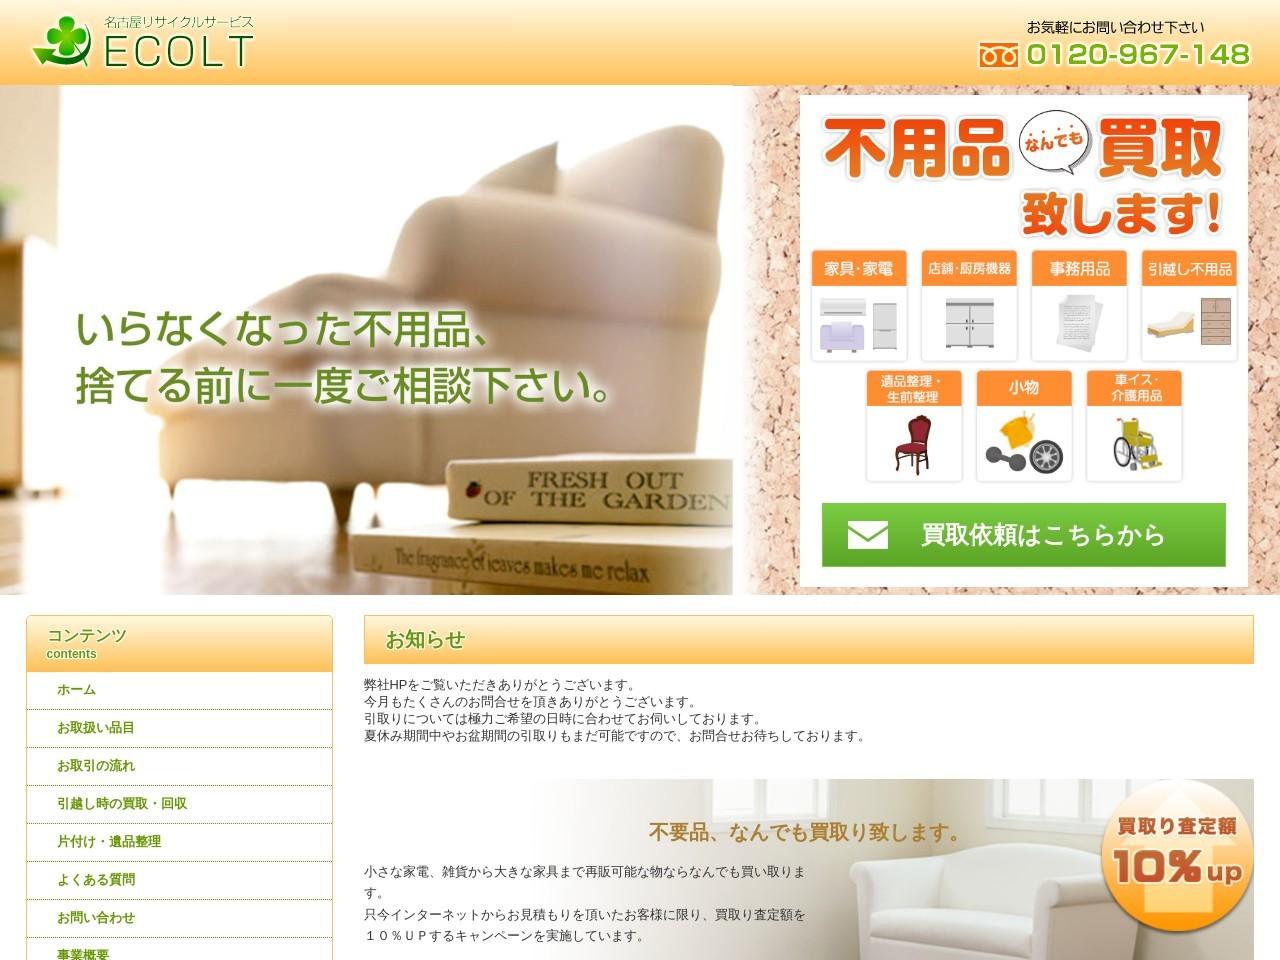 エコルト | 名古屋リサイクルサービス・リサイクルショップ